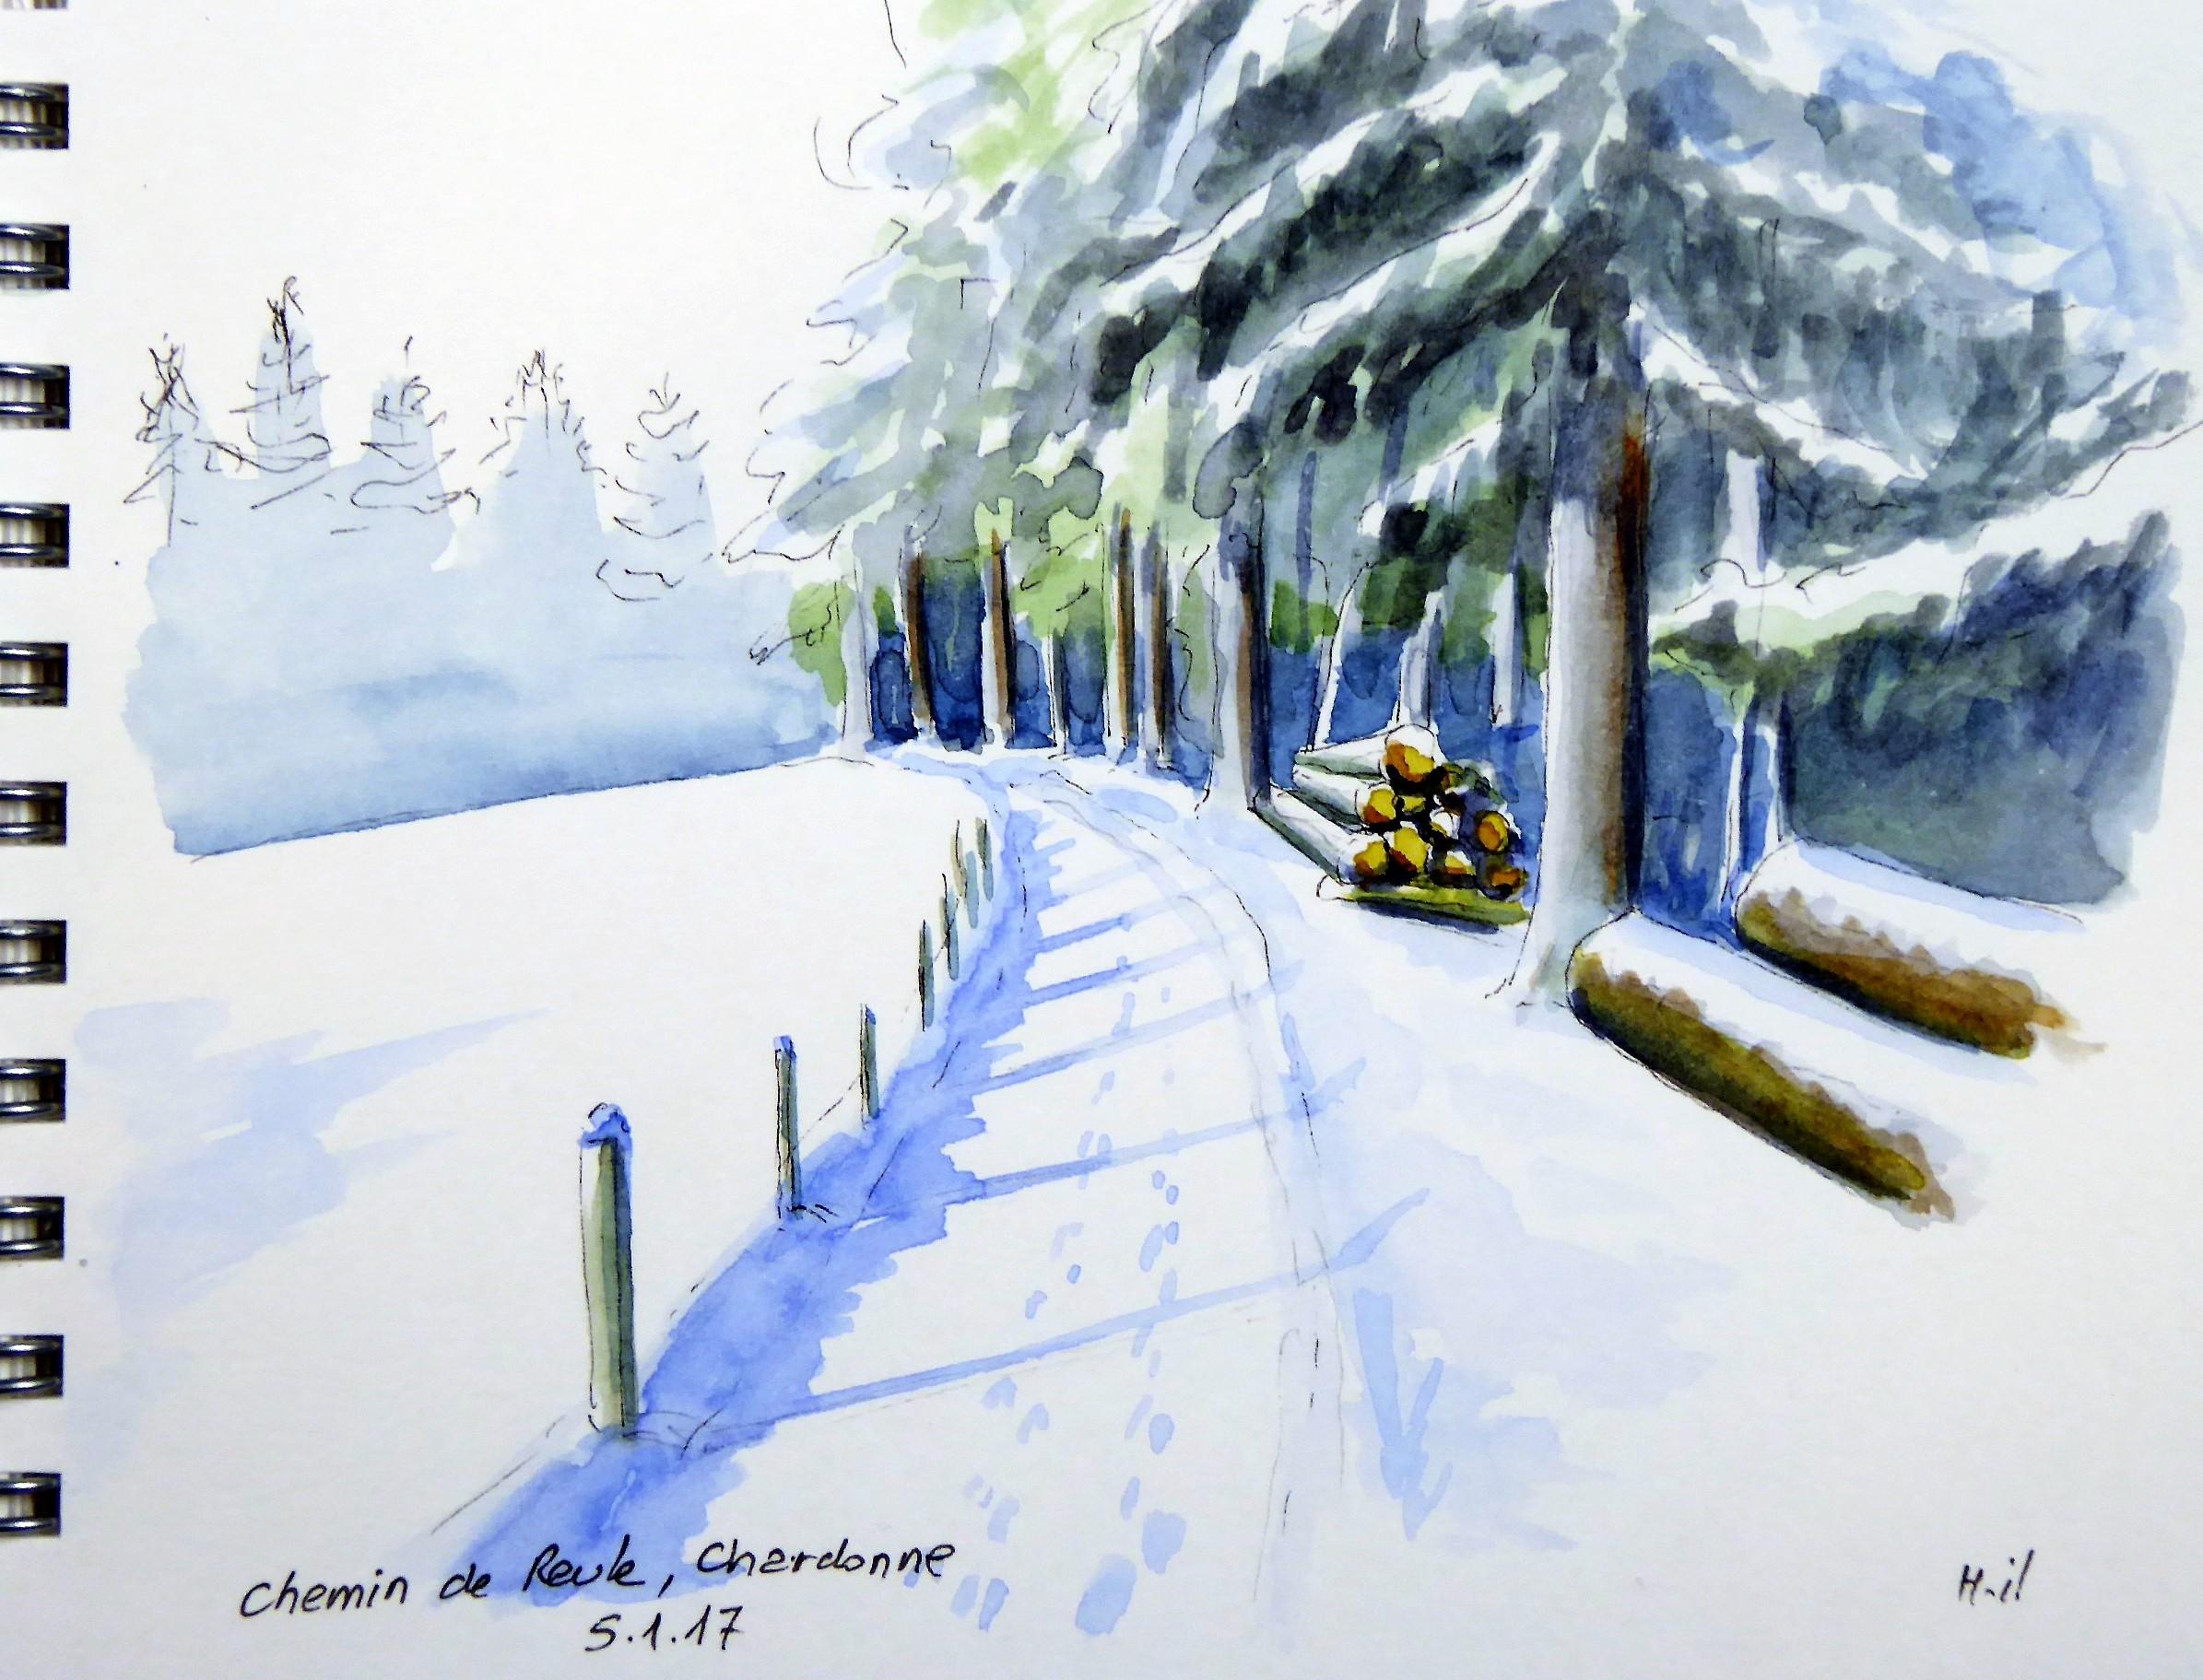 chemin de reule neige